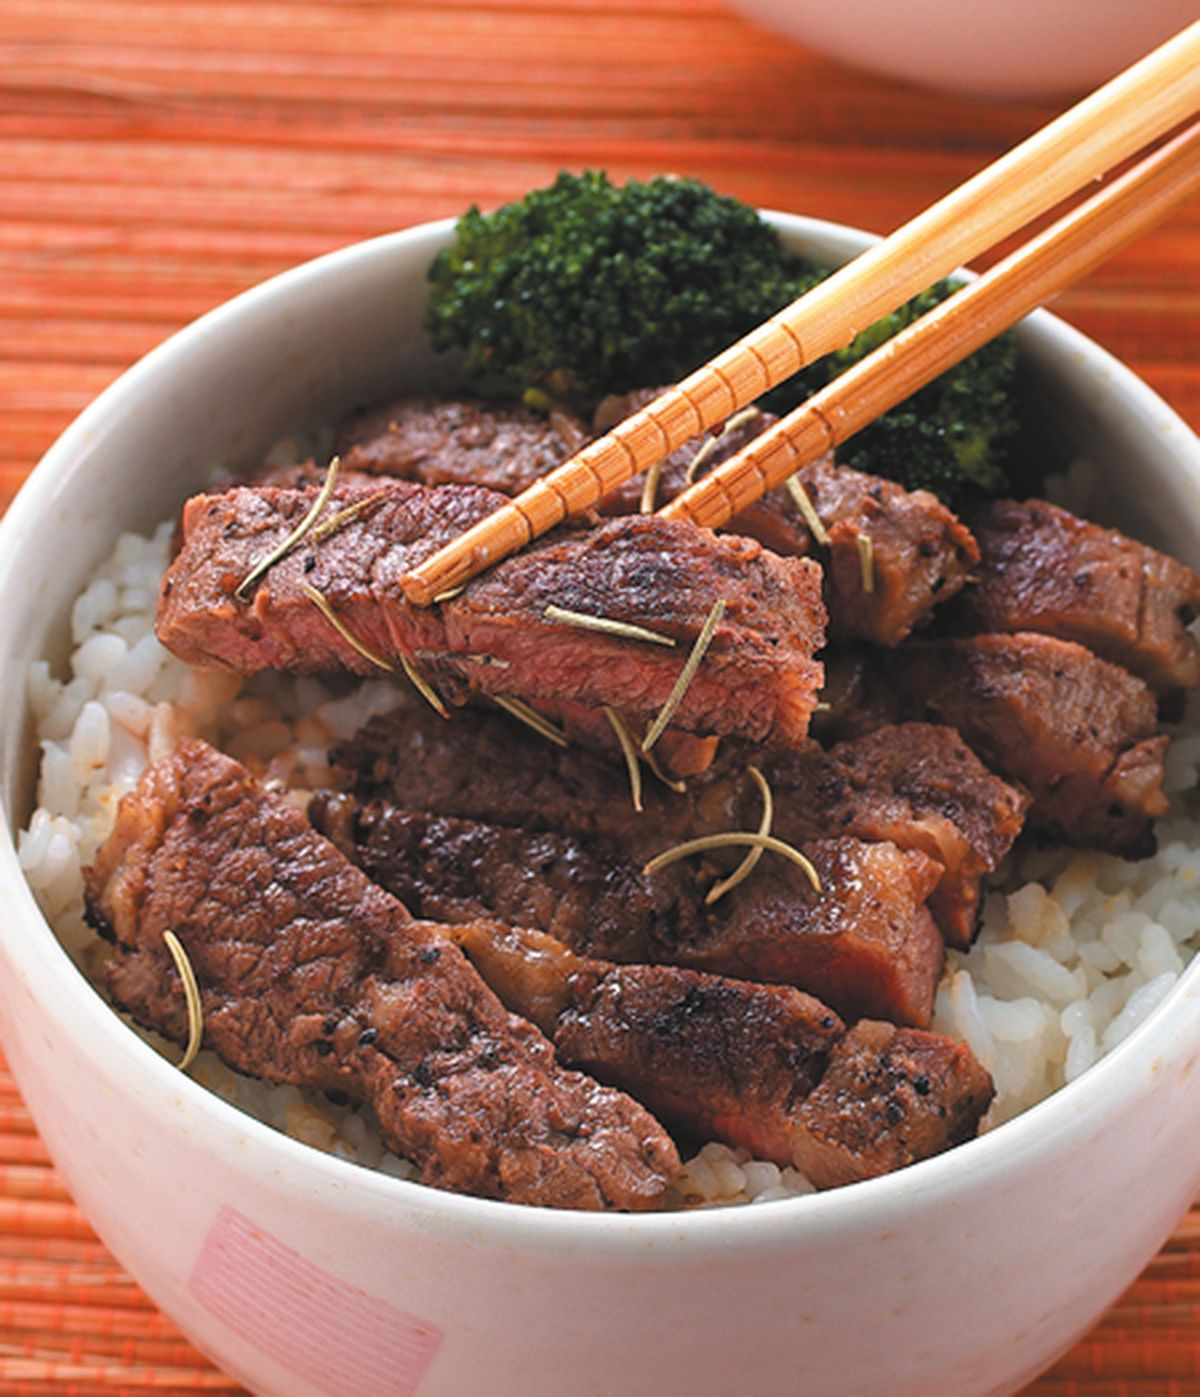 食譜:香煎牛排蓋飯